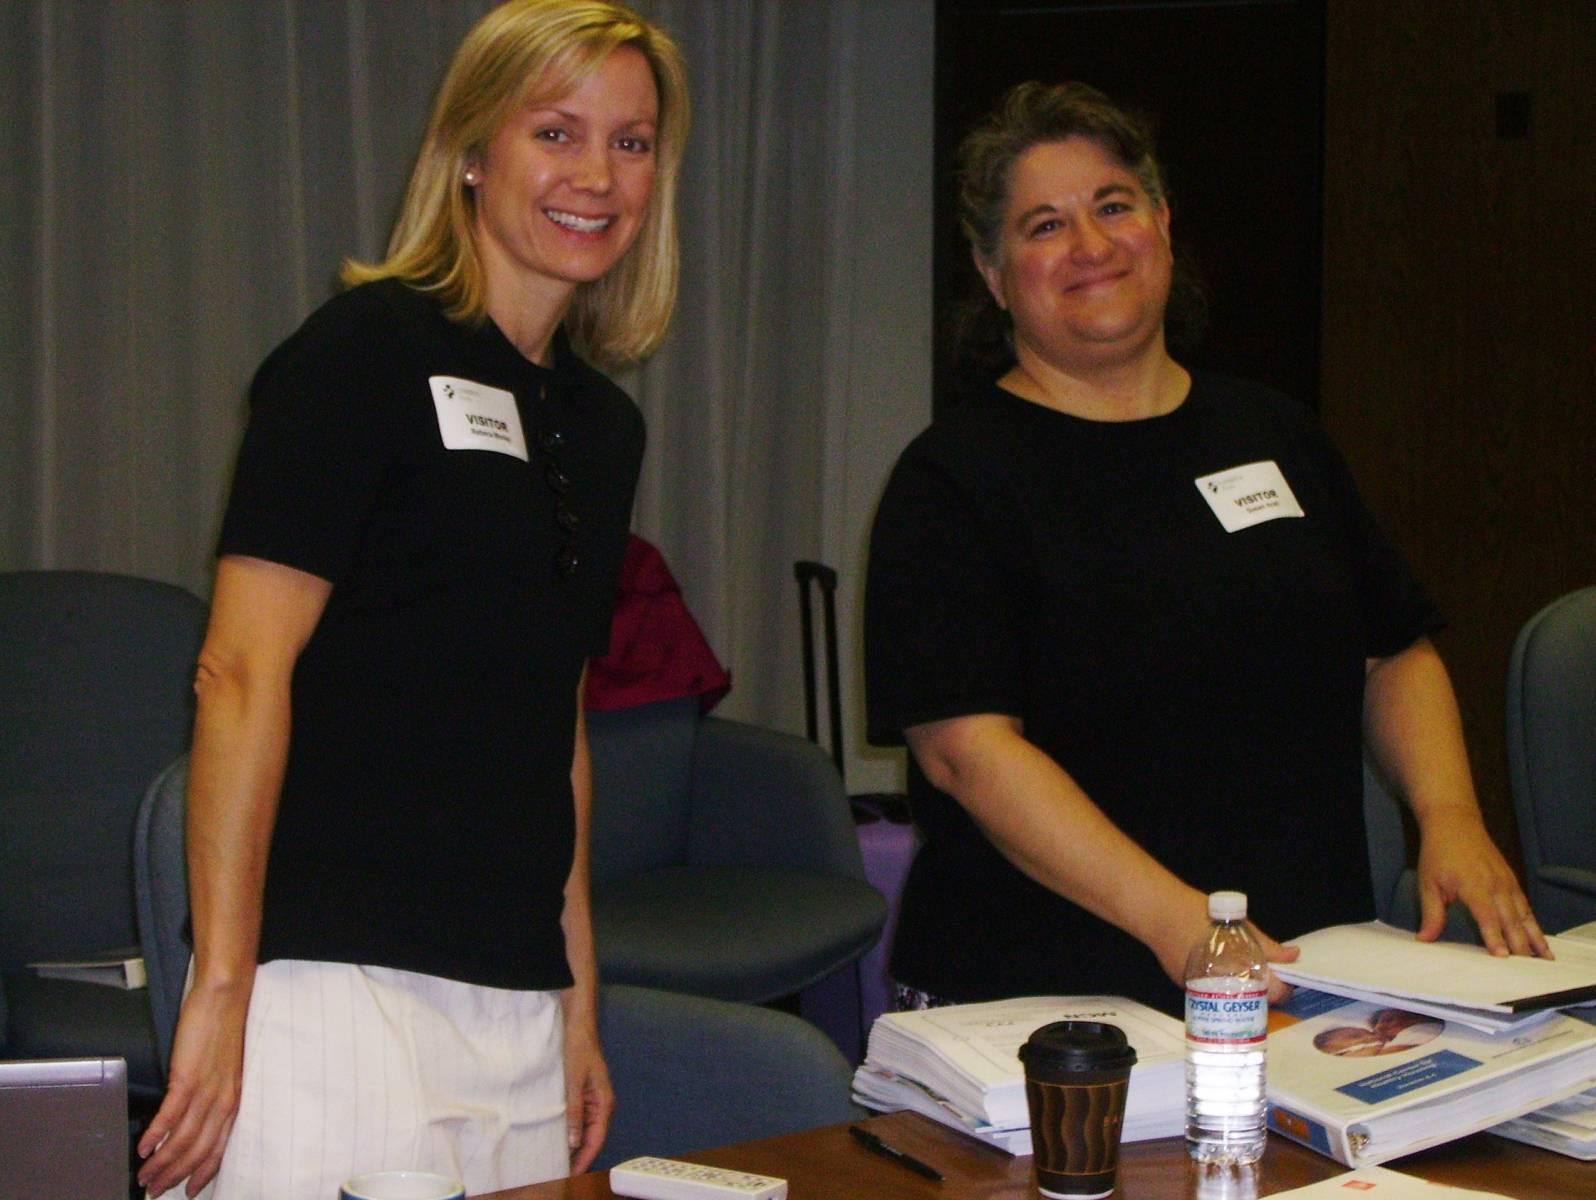 Rebecca Morley and Susan Aceti